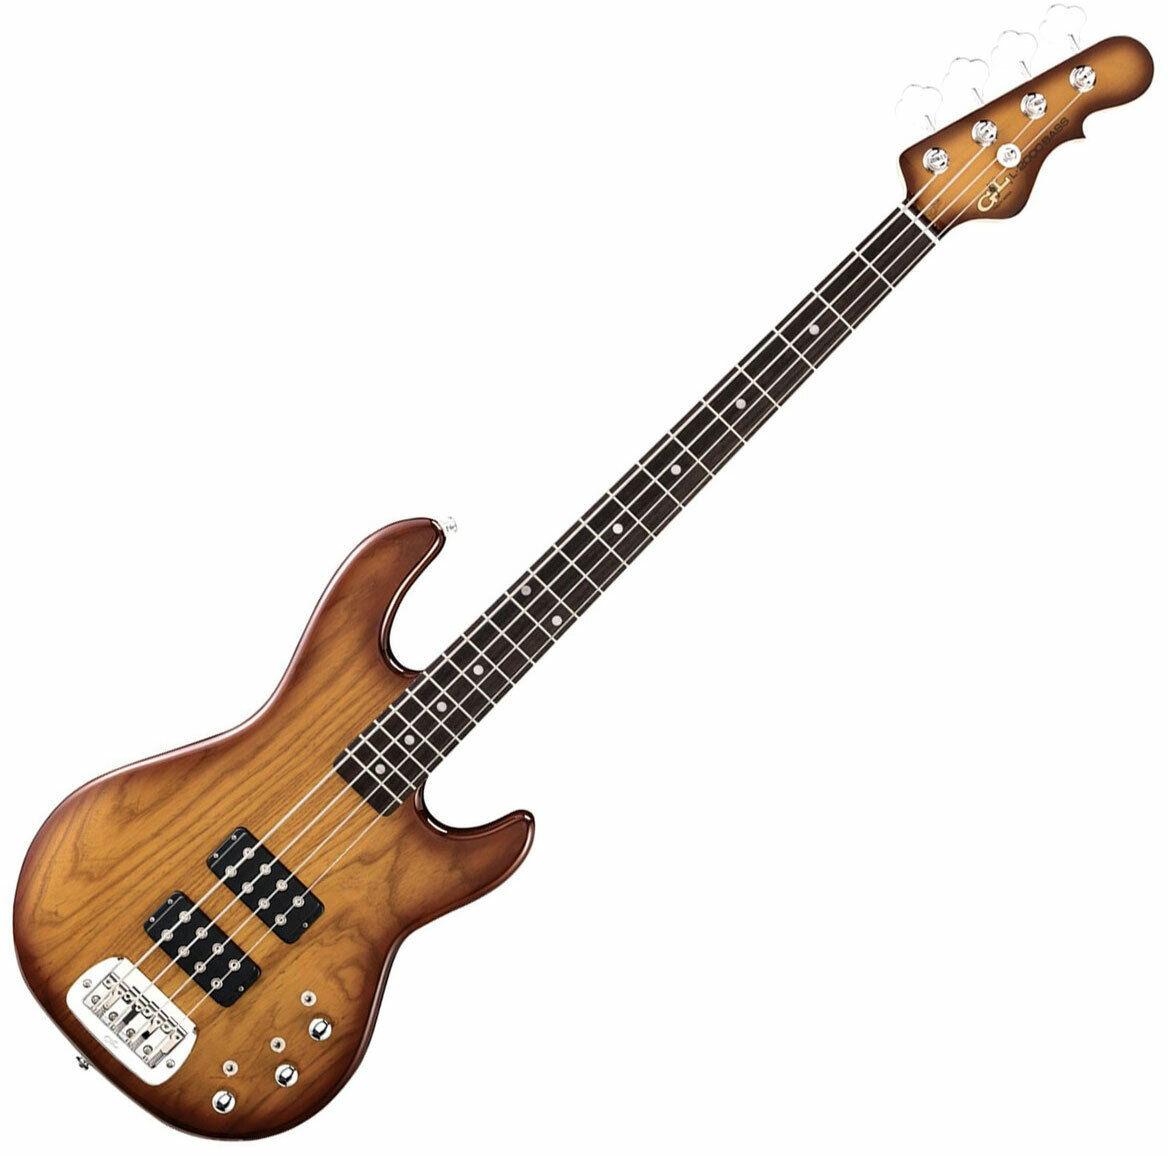 G&L Tribute L-2000 Bass Guitar in Tobacco Sunburst Finish